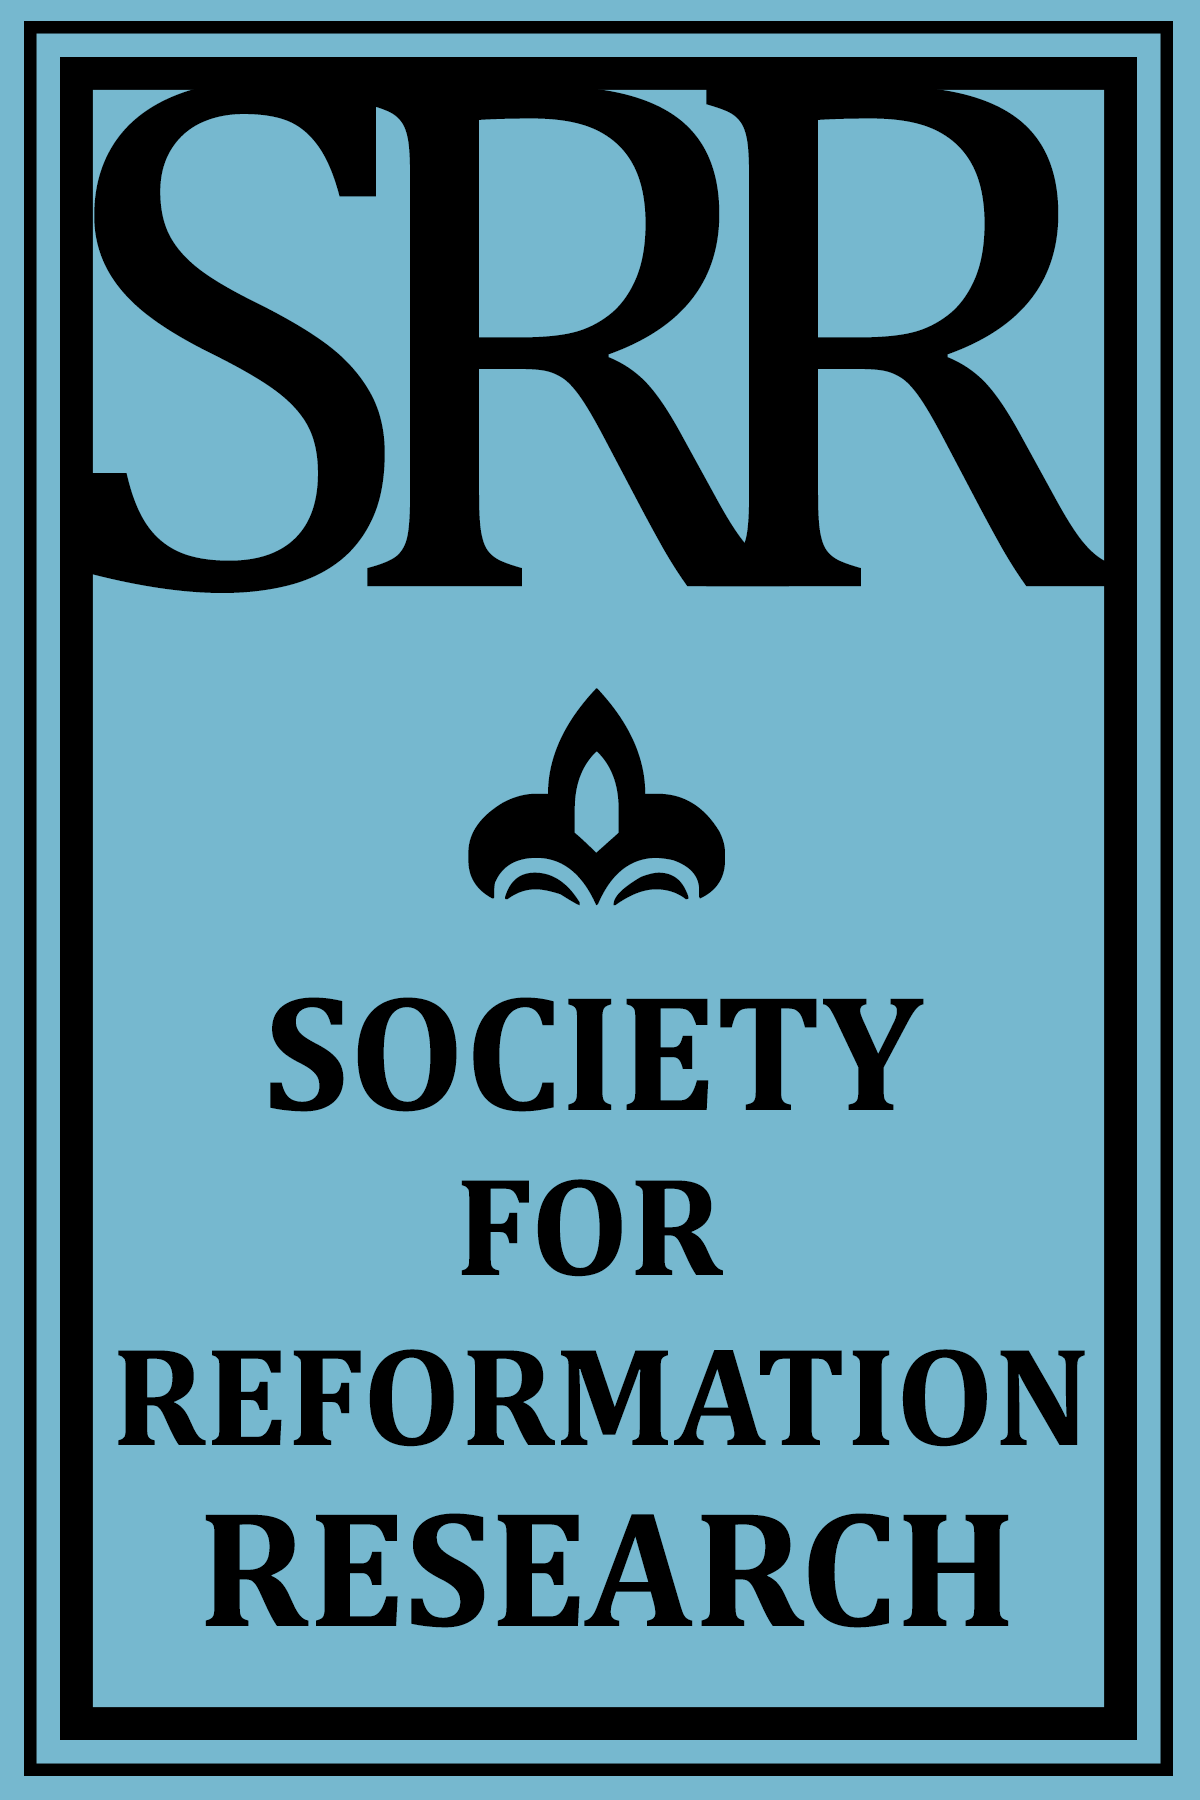 SRR-logo.png